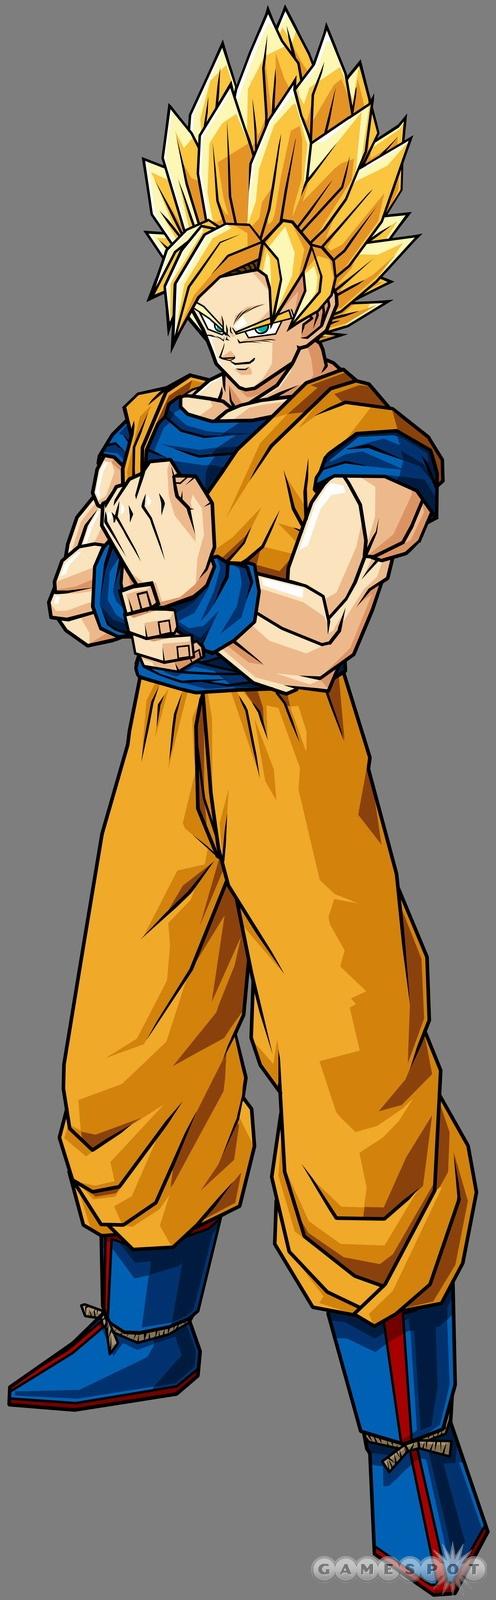 Super Saiyan Goku - Dragon Ball Z Budokai Tenkaichi 2 Wiki